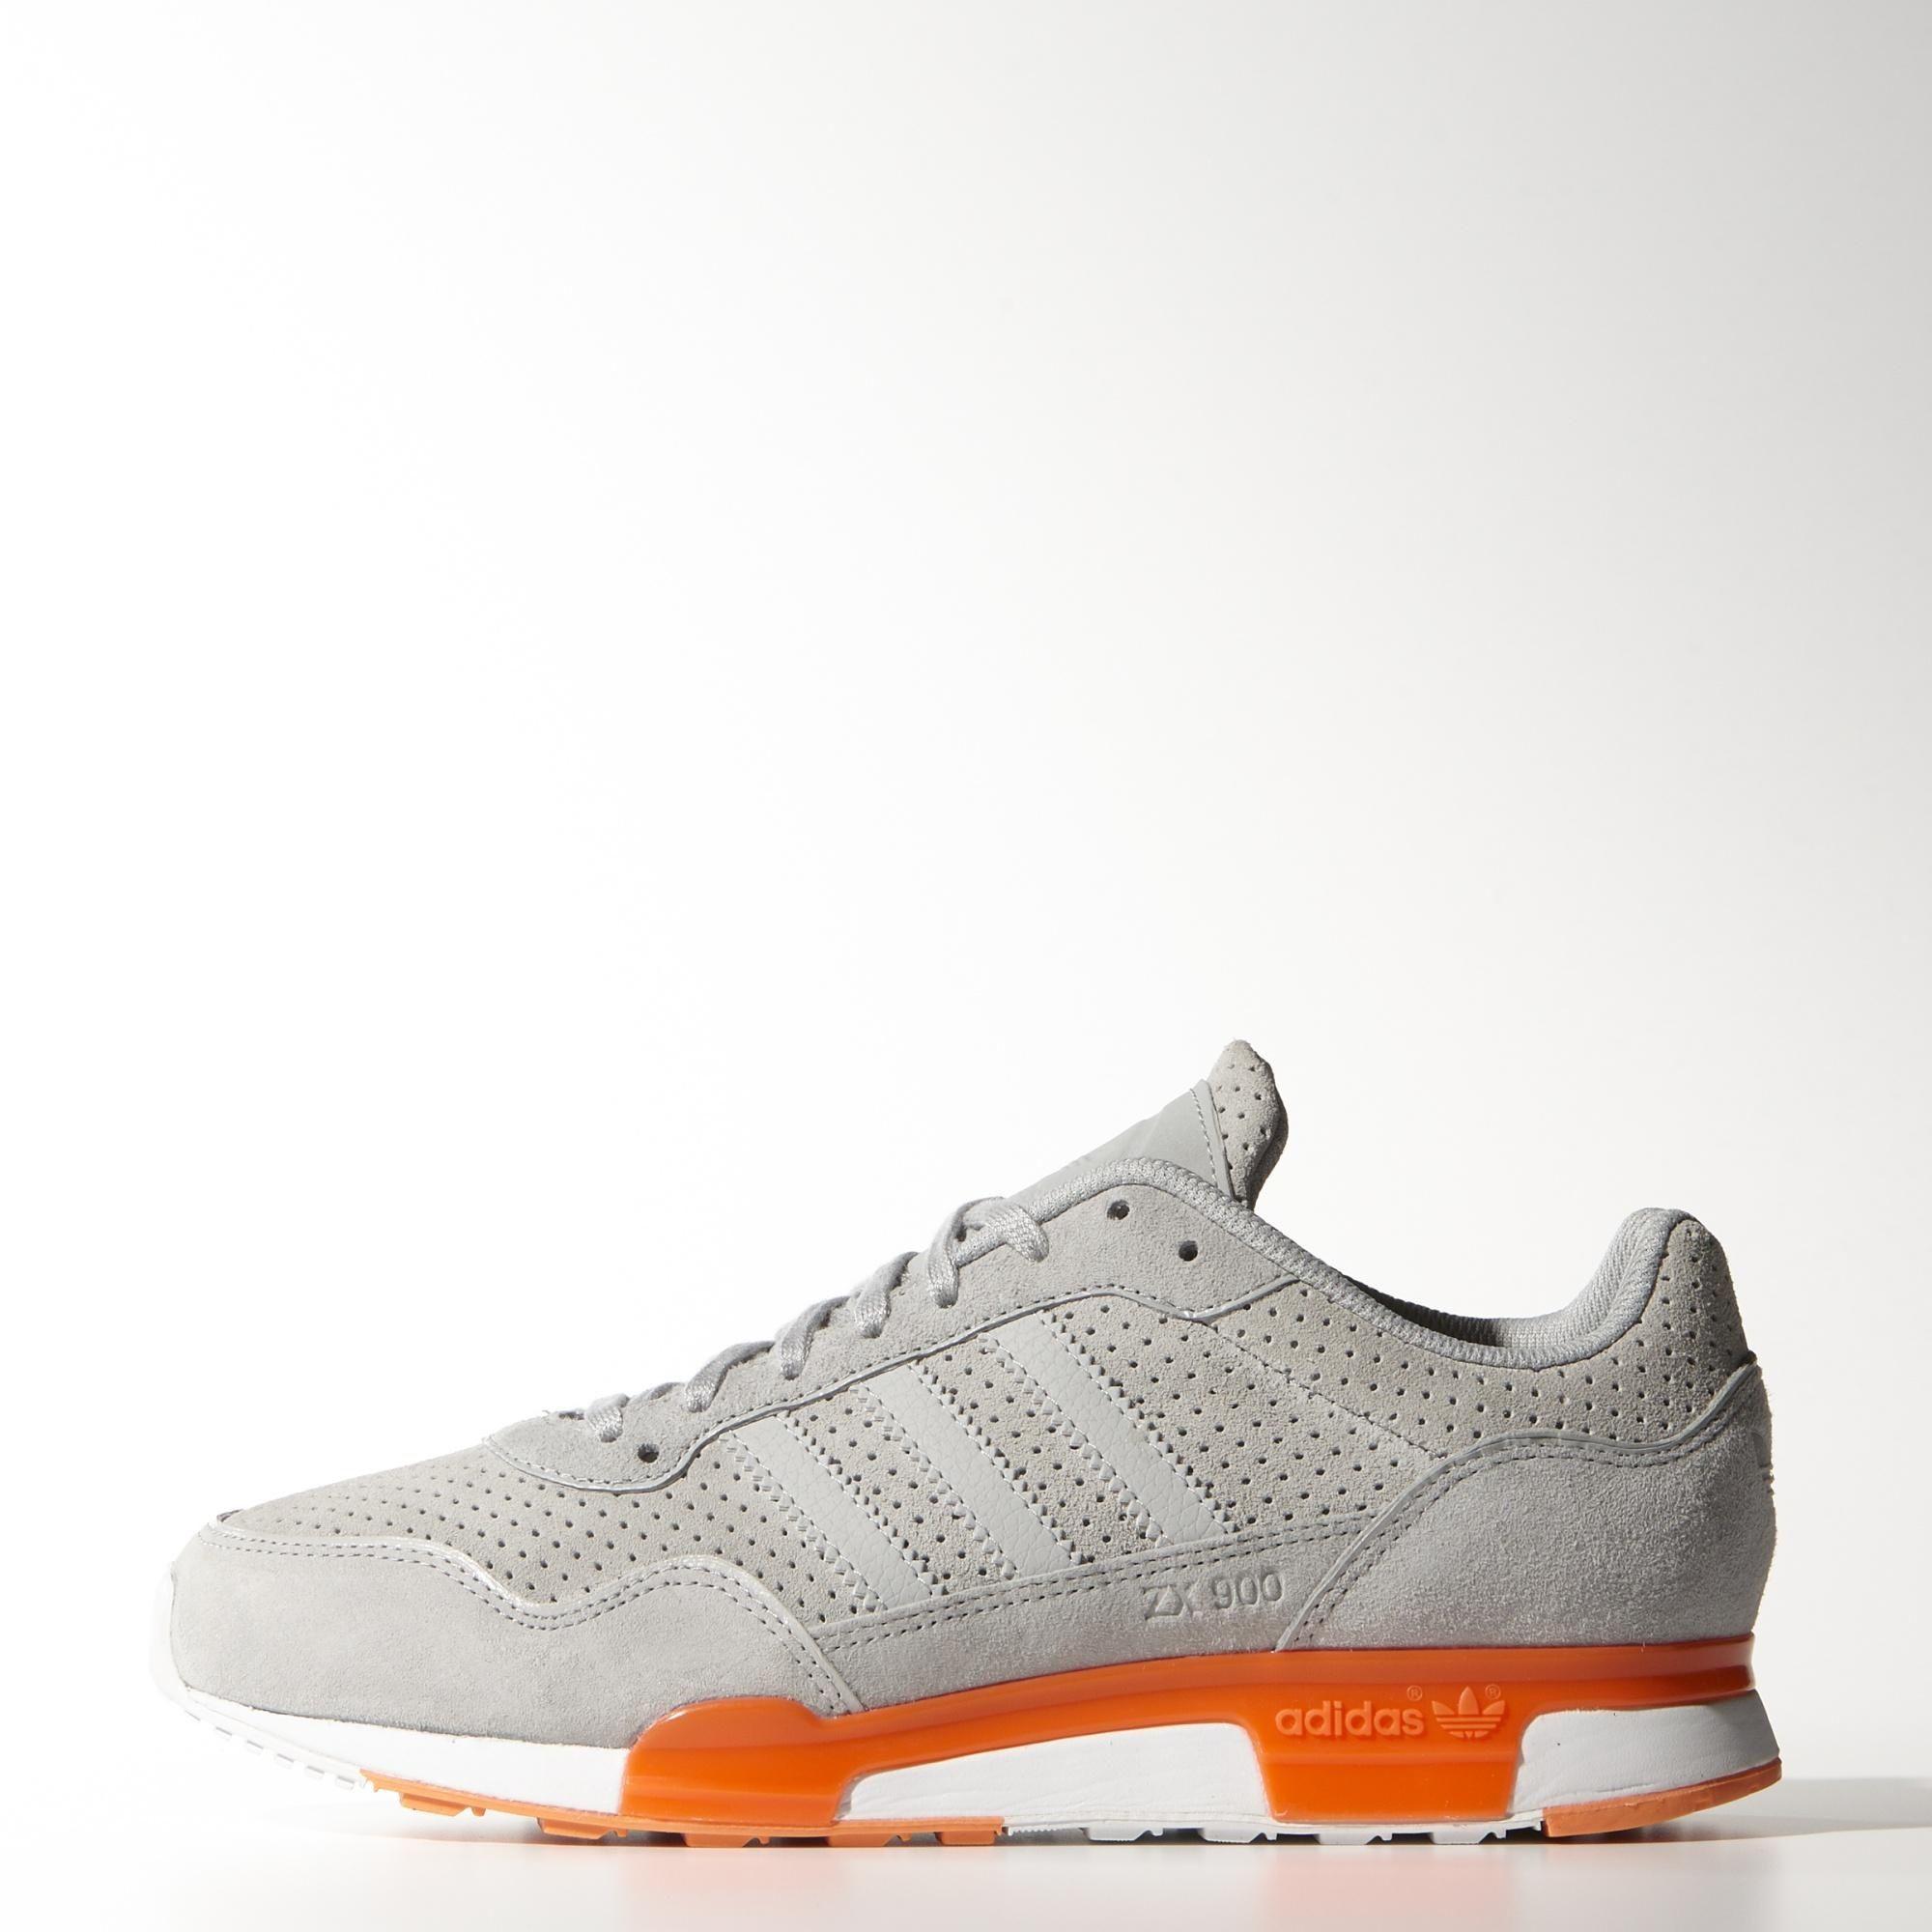 adidas zx 900 originals